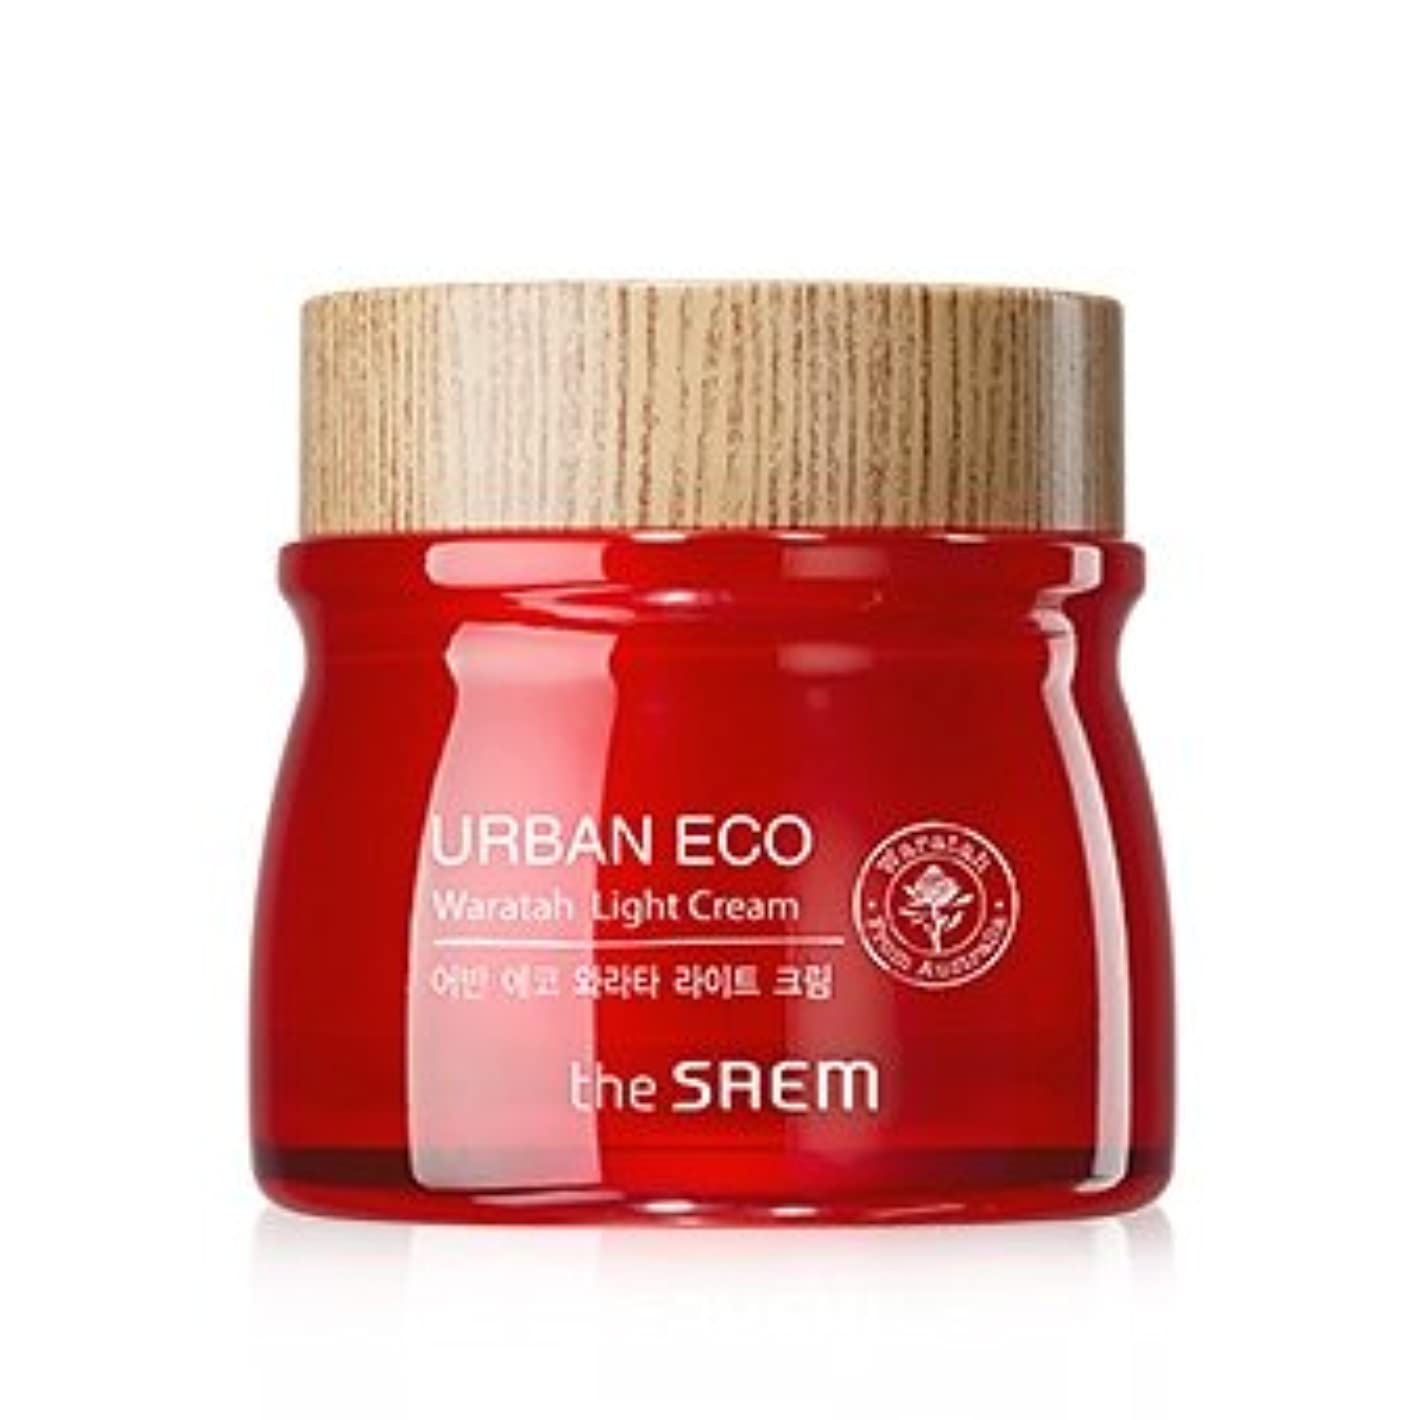 ミニチュア間に合わせ販売員The Saem Urban Eco Waratah Light Cream 60ml ドセム アーバンエコワラターライトクリーム60ml[並行輸入品]